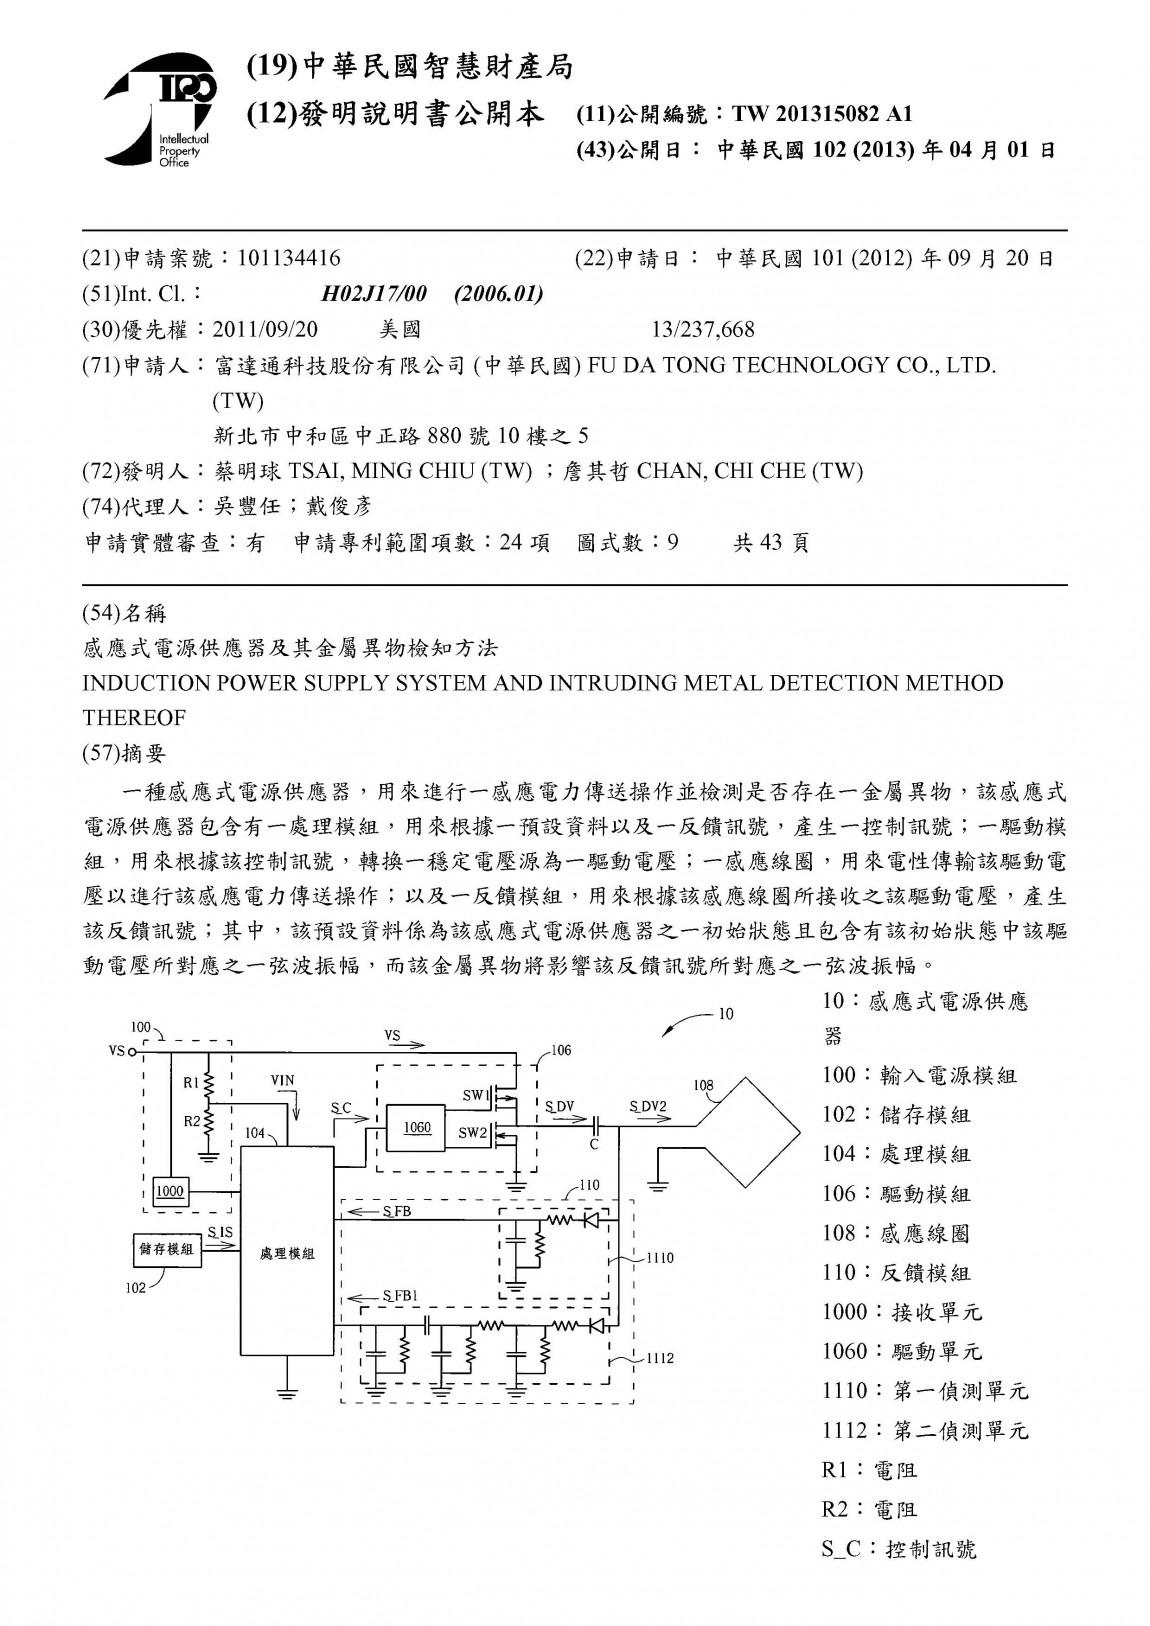 富達通專利20-感應式電源供應器及其金屬異物檢知方法(台灣)201315082